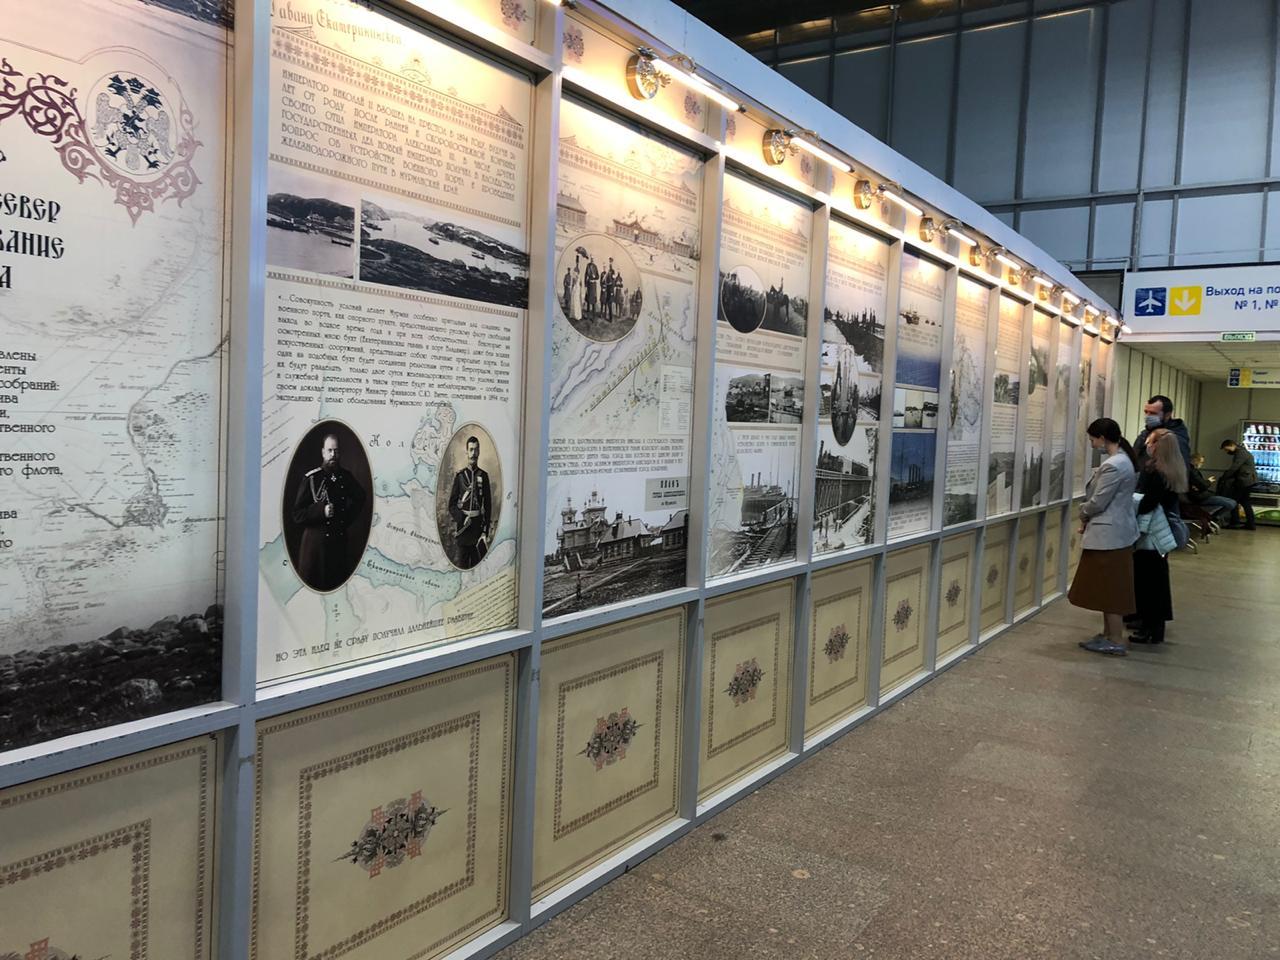 20201121_15-58-В аэропорту Мурманска открылась выставка, посвященная Николаю II-pic2